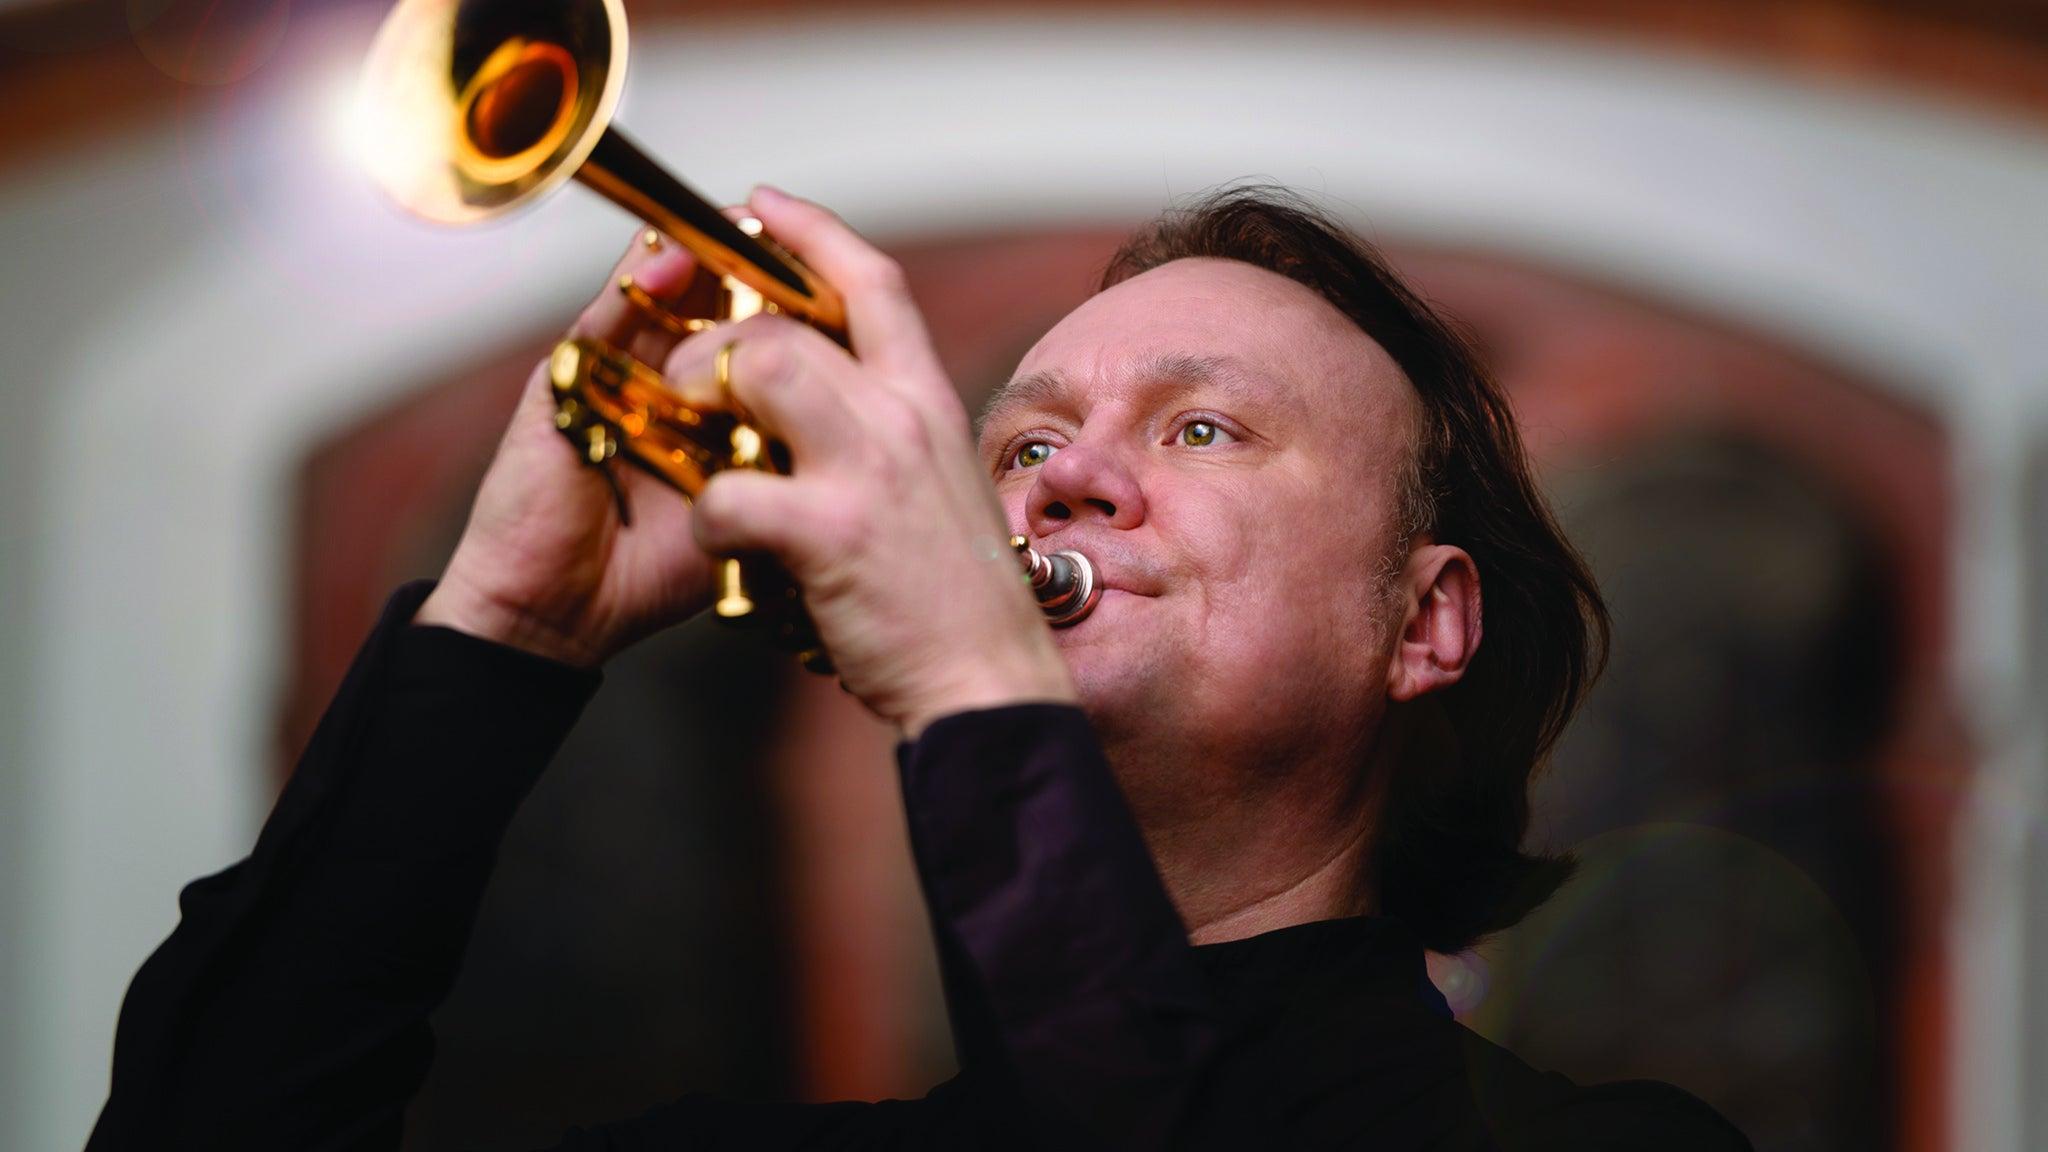 Festliches Konzert für Orgel, Trompete & Countertenor